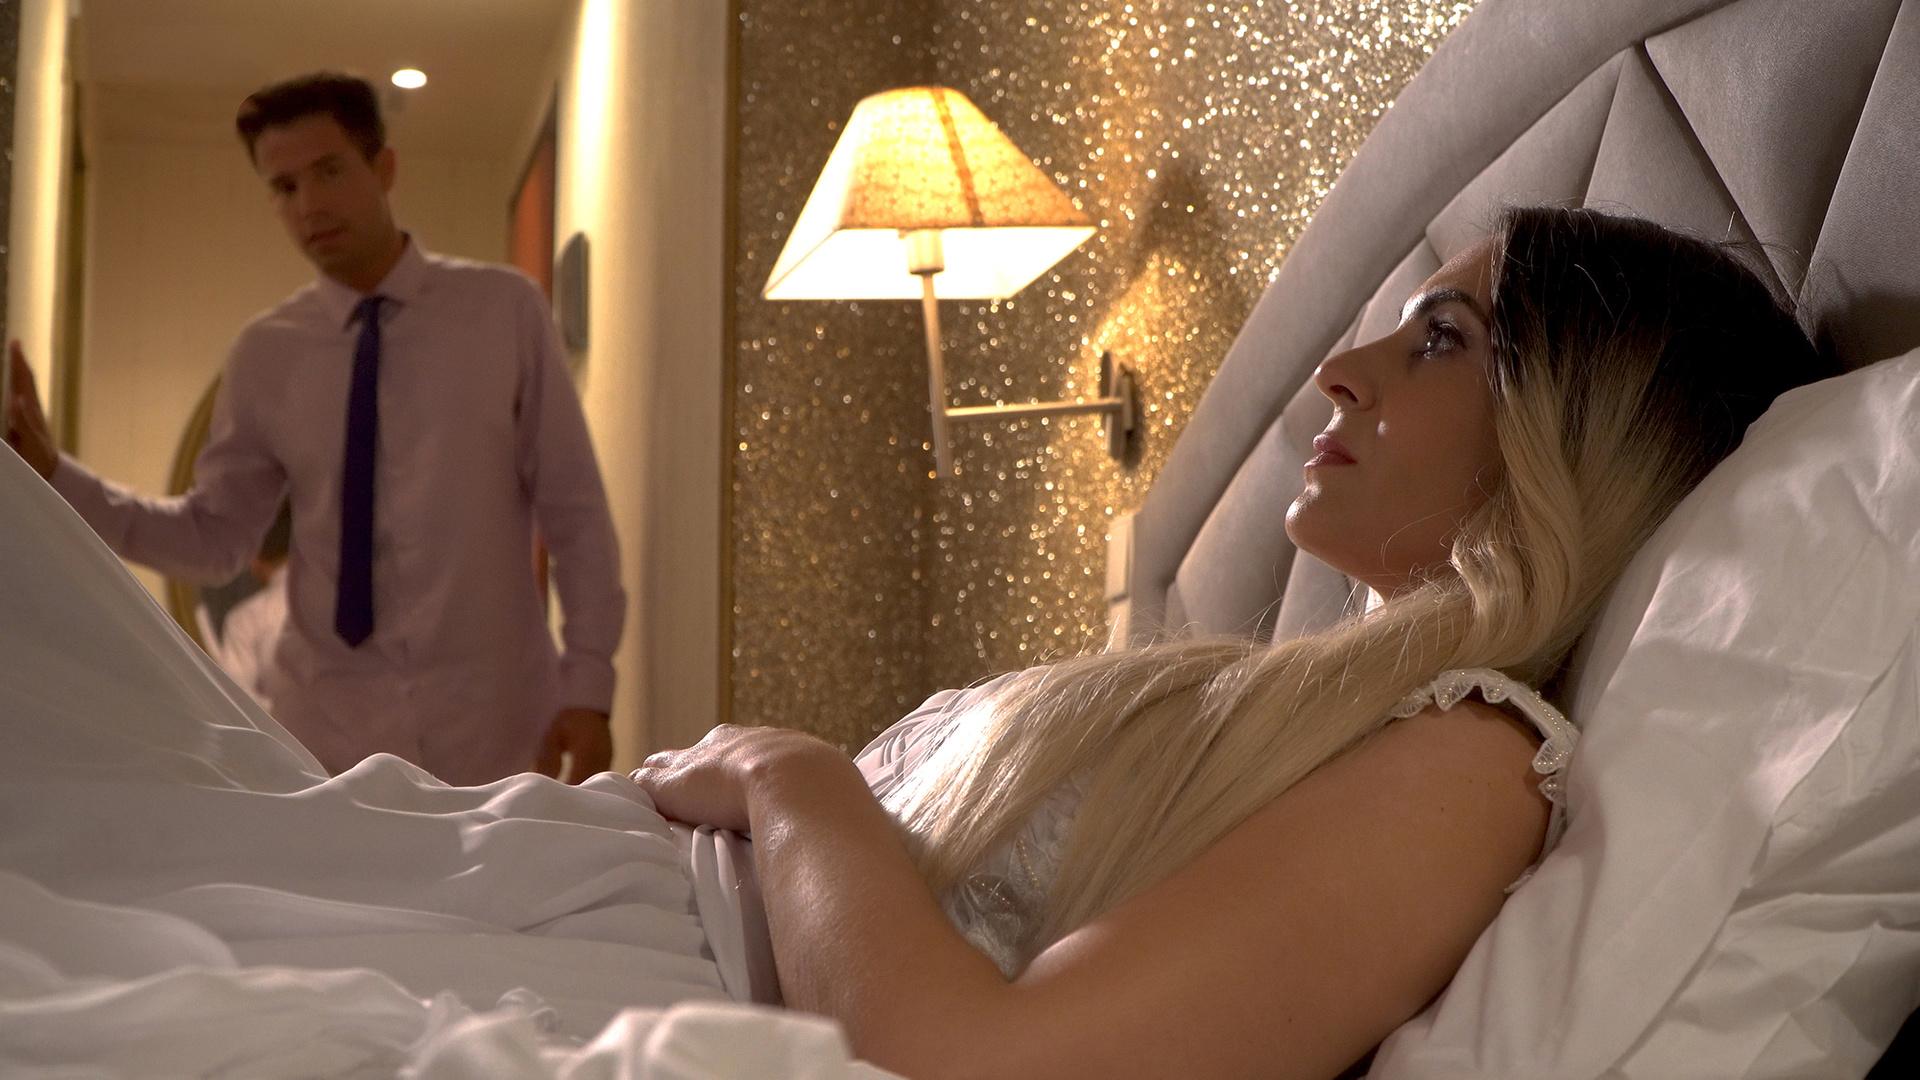 Η νύφη τυφλώθηκε